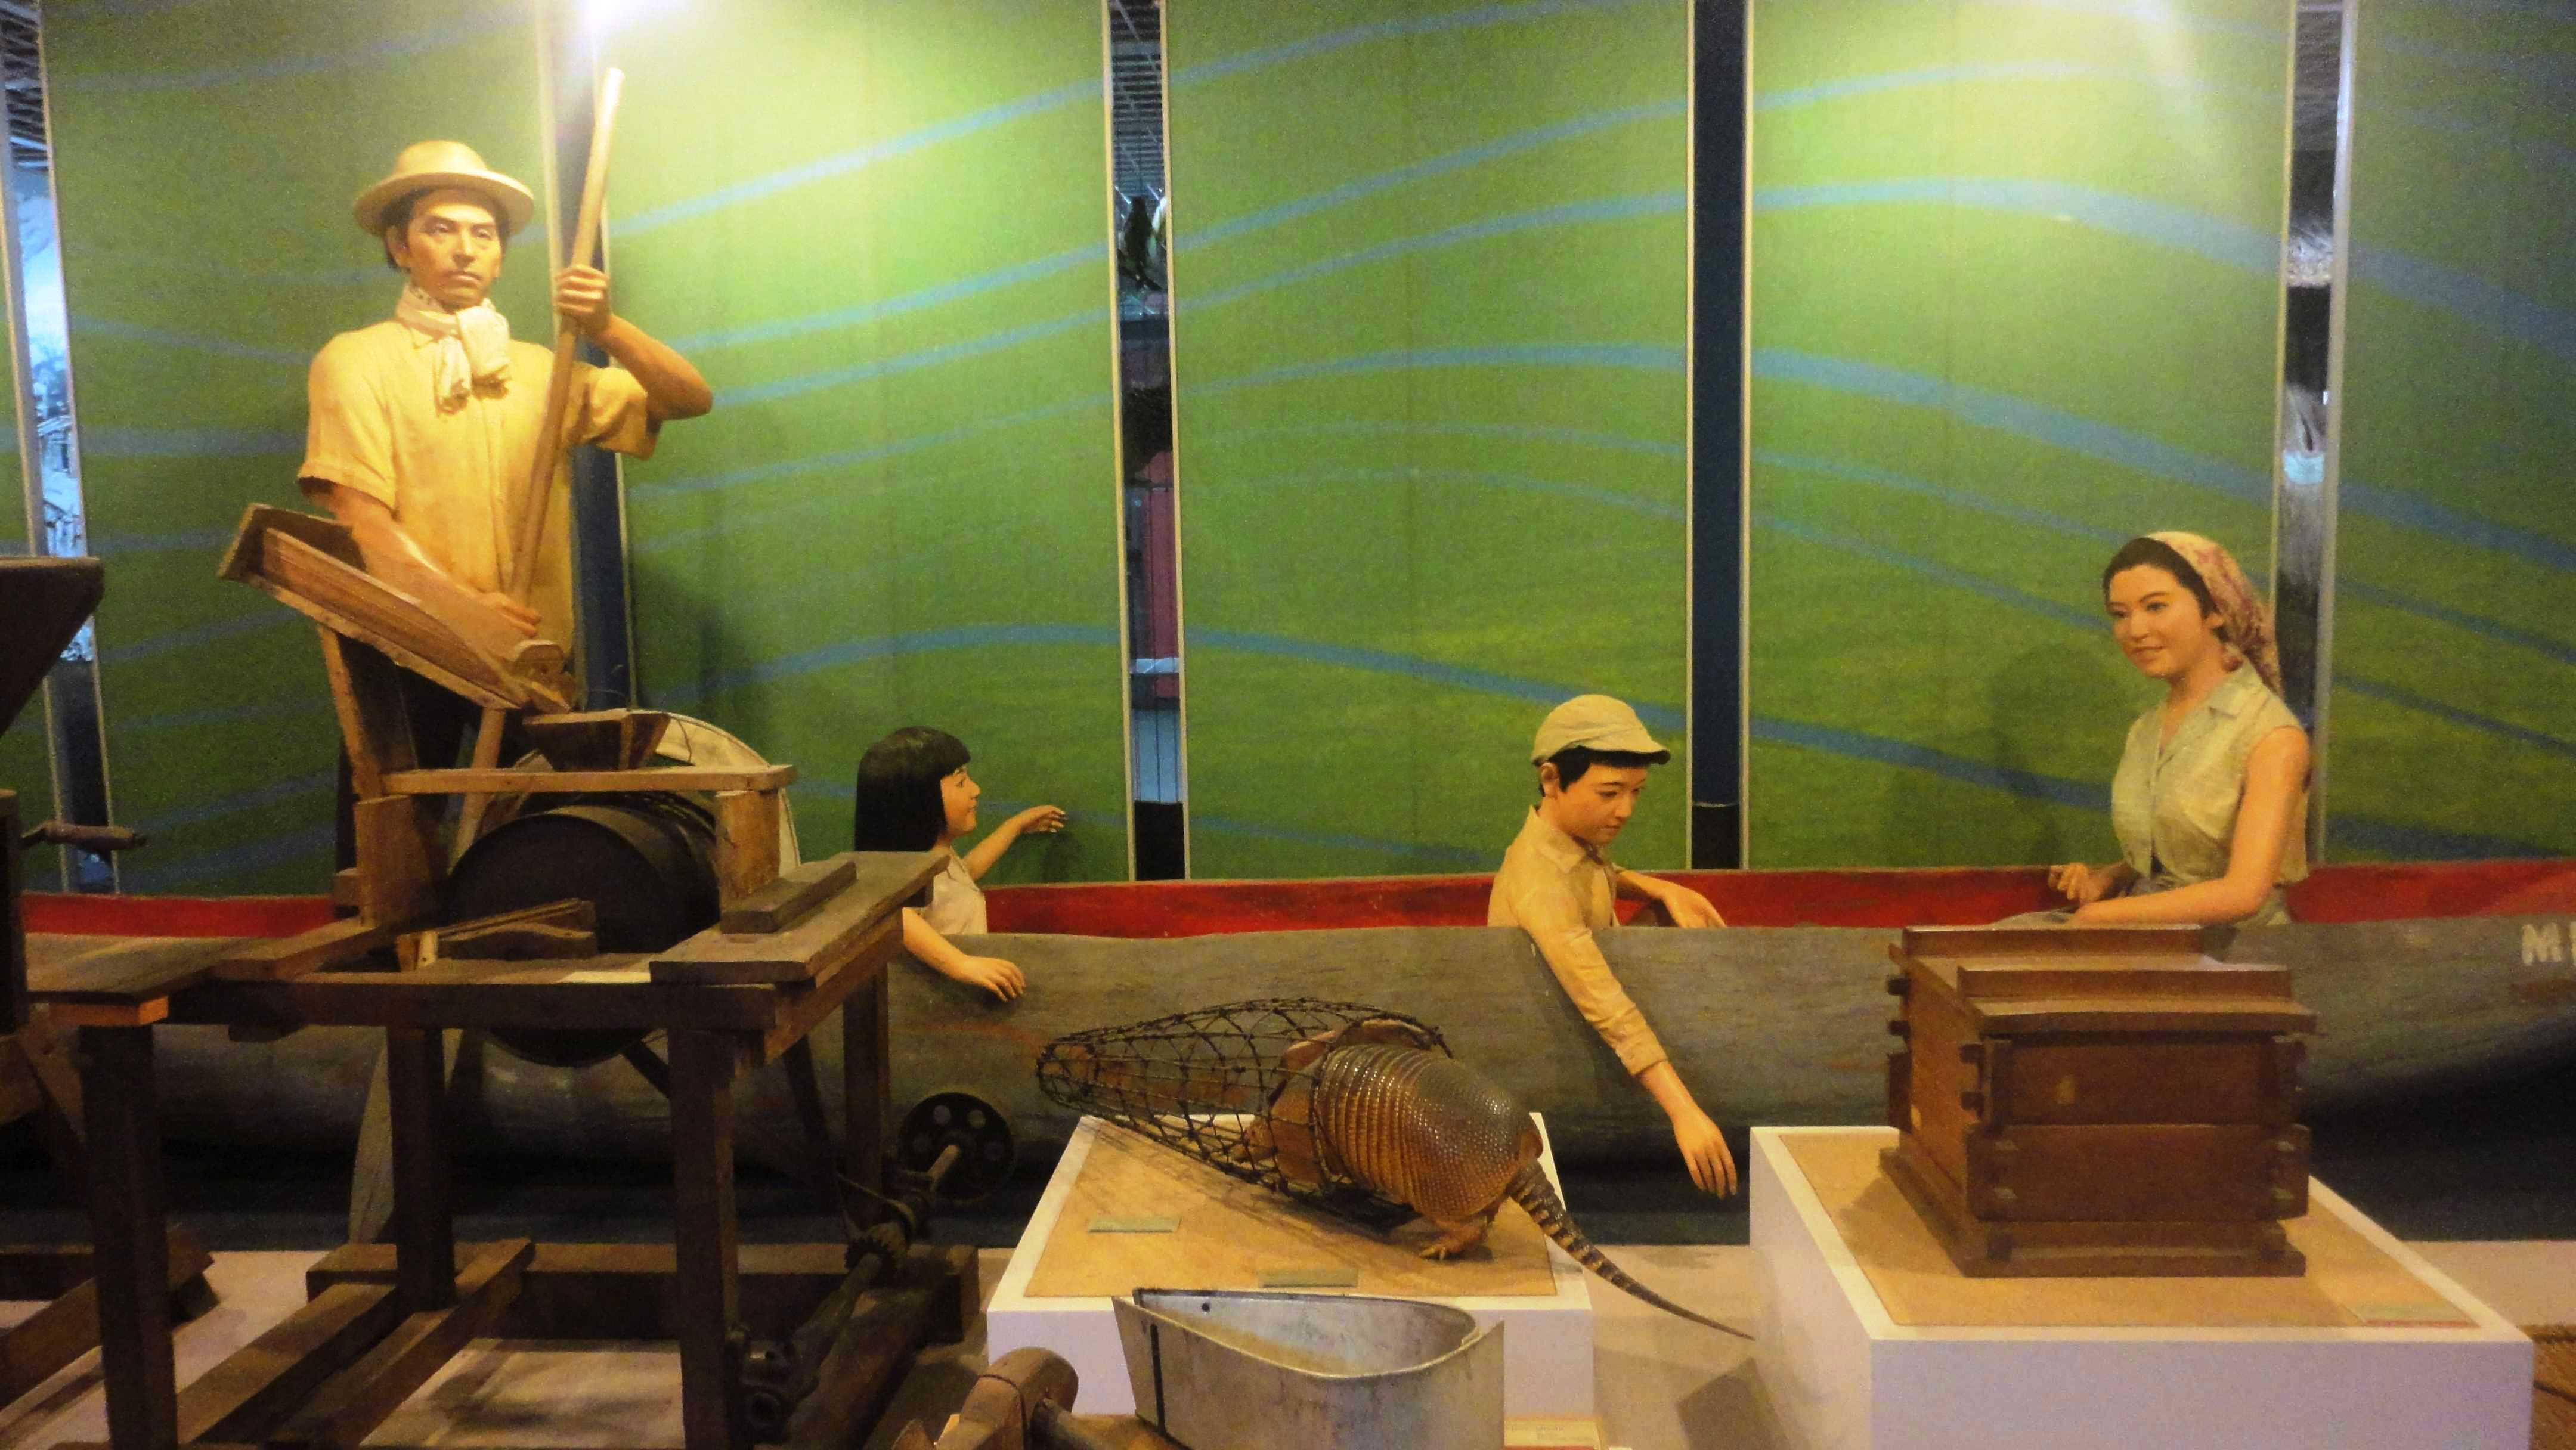 Um passeio pelo Japão numa visita ao Museu Histórico da Imigração Japonesa